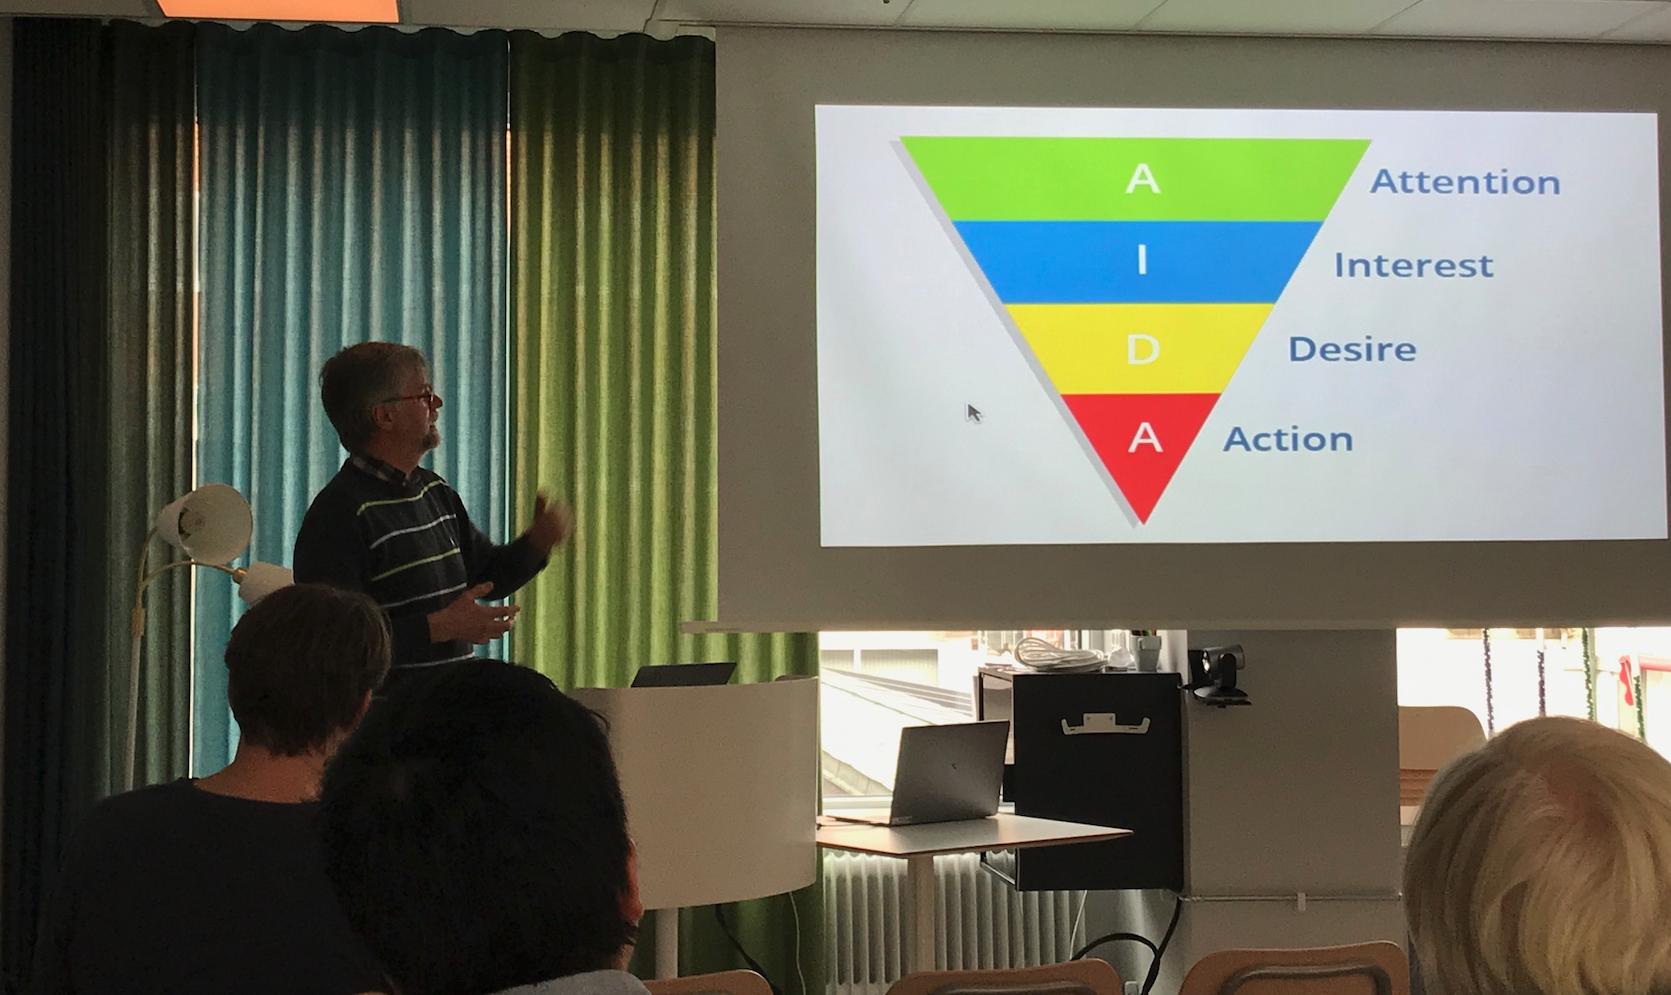 Hans Hansson presenterar framför publik, en bild på projektorduk med texten AIDA syns vid hans sida